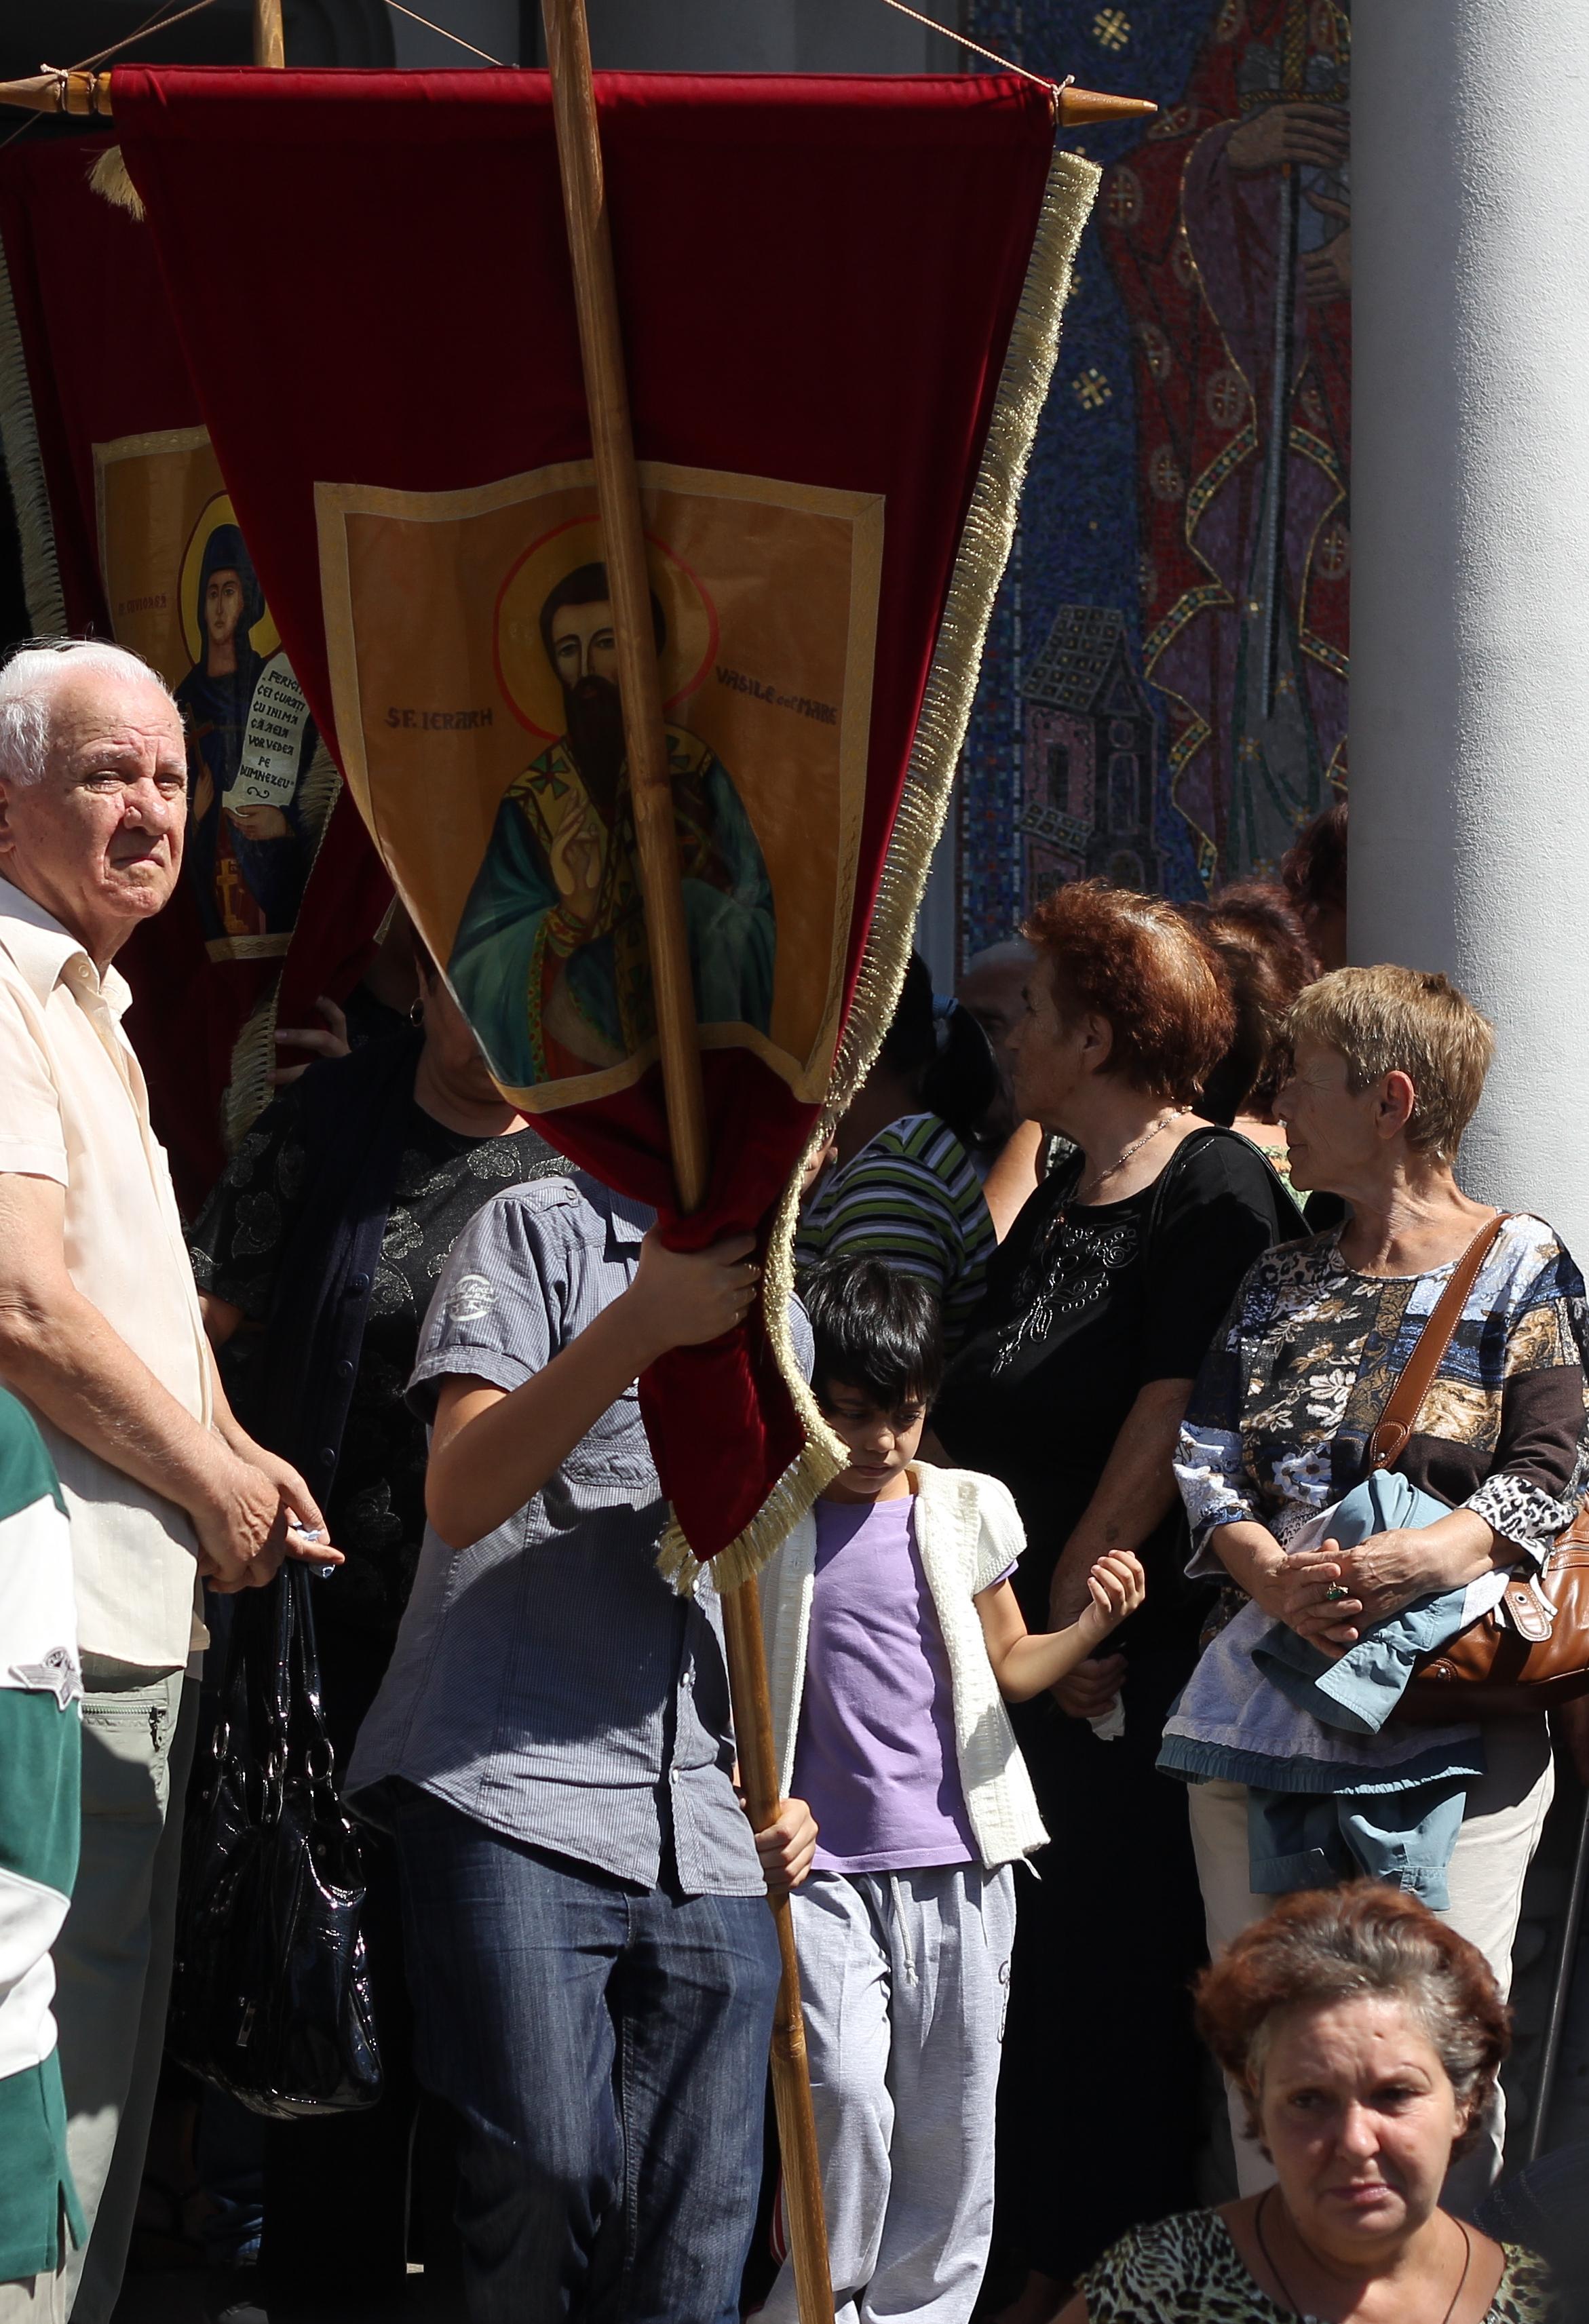 La biserica au venit zeci de parinti impreuna cu prichindeii lor